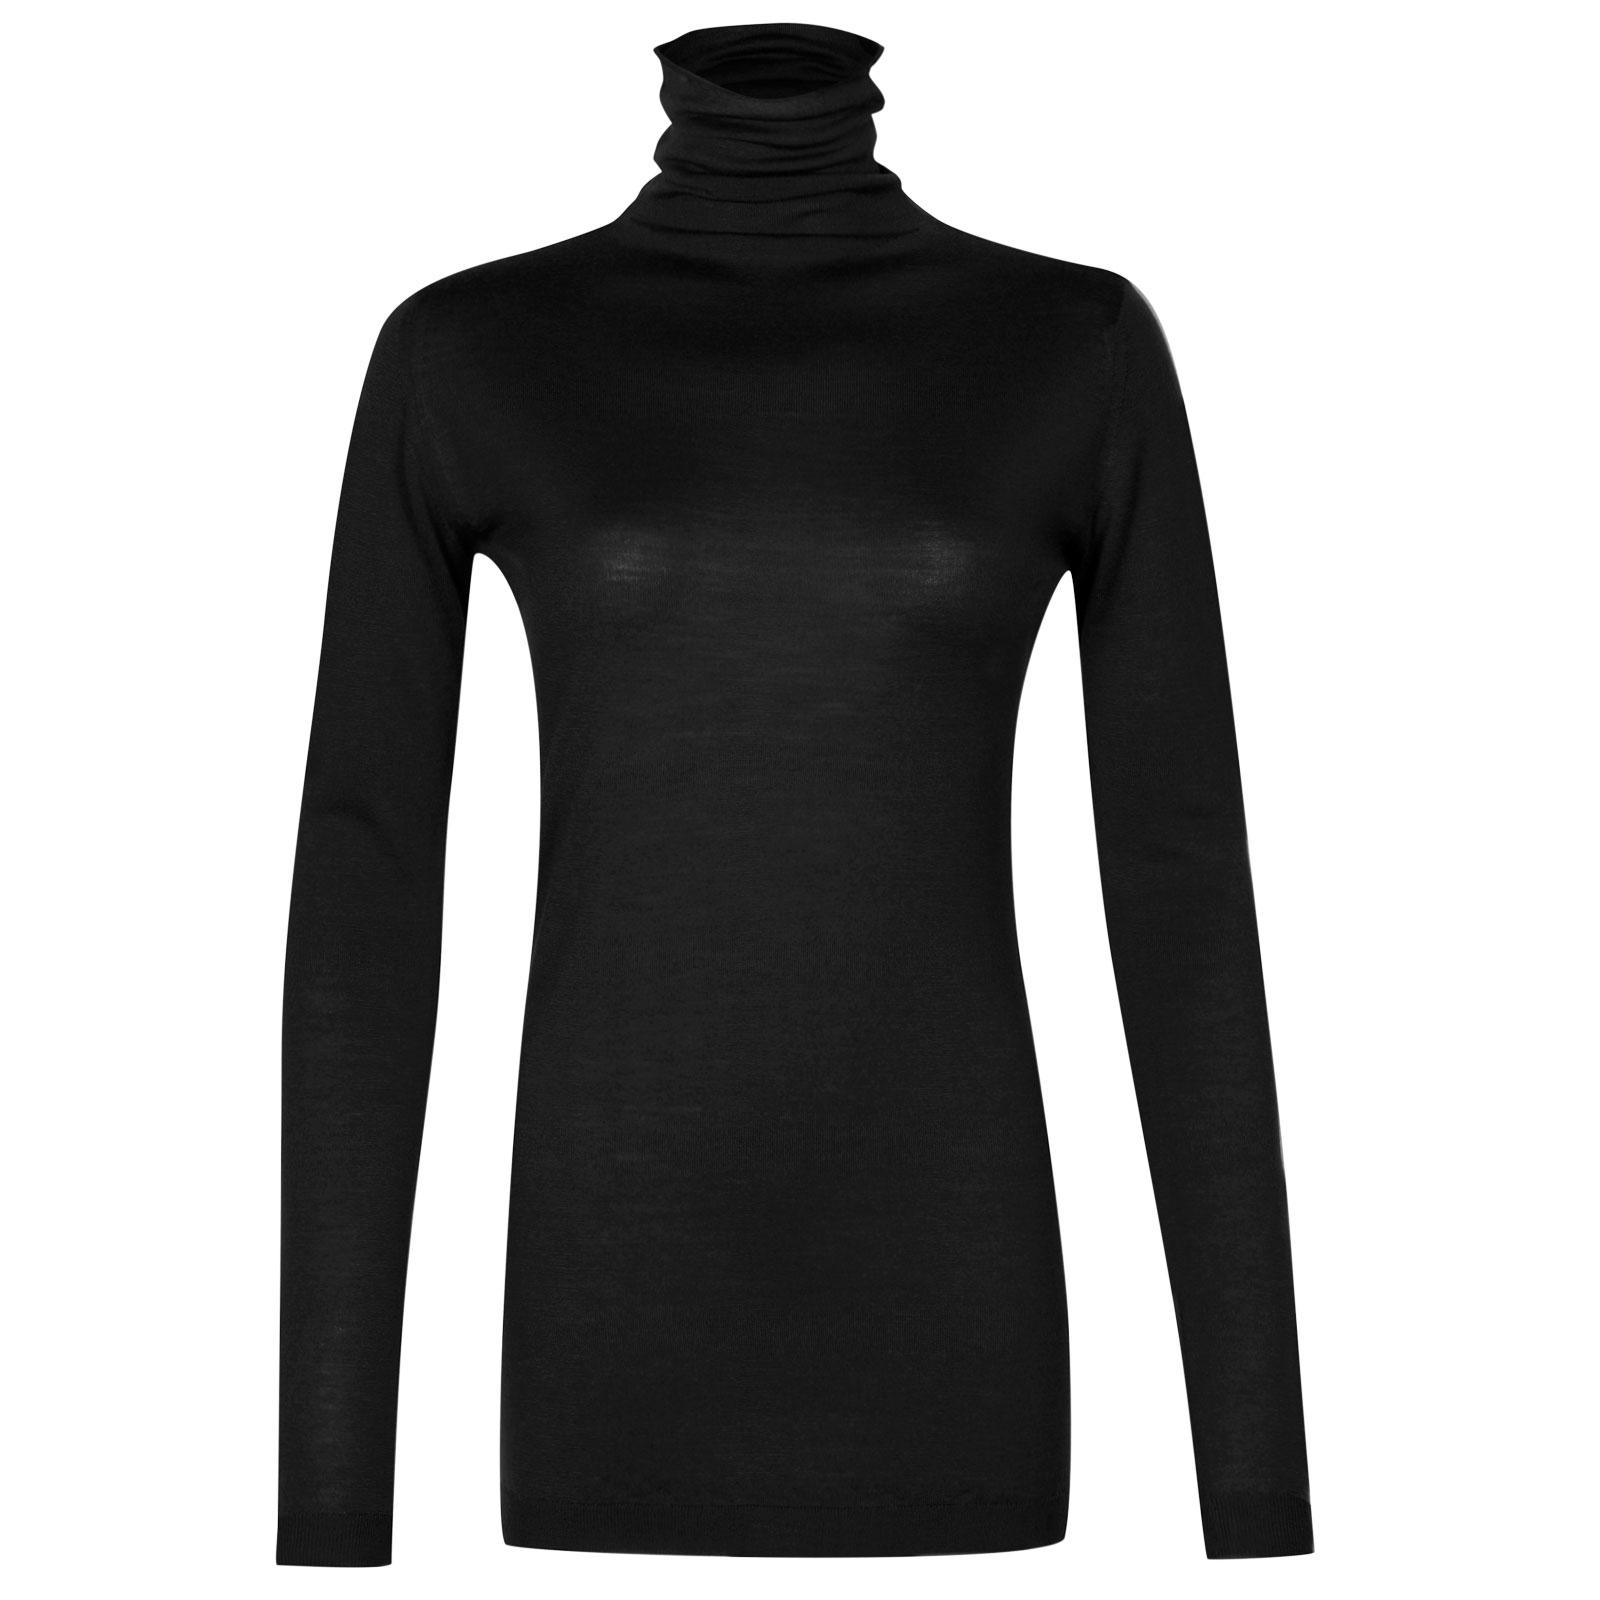 John Smedley westley Merino Wool Sweater in Black-L